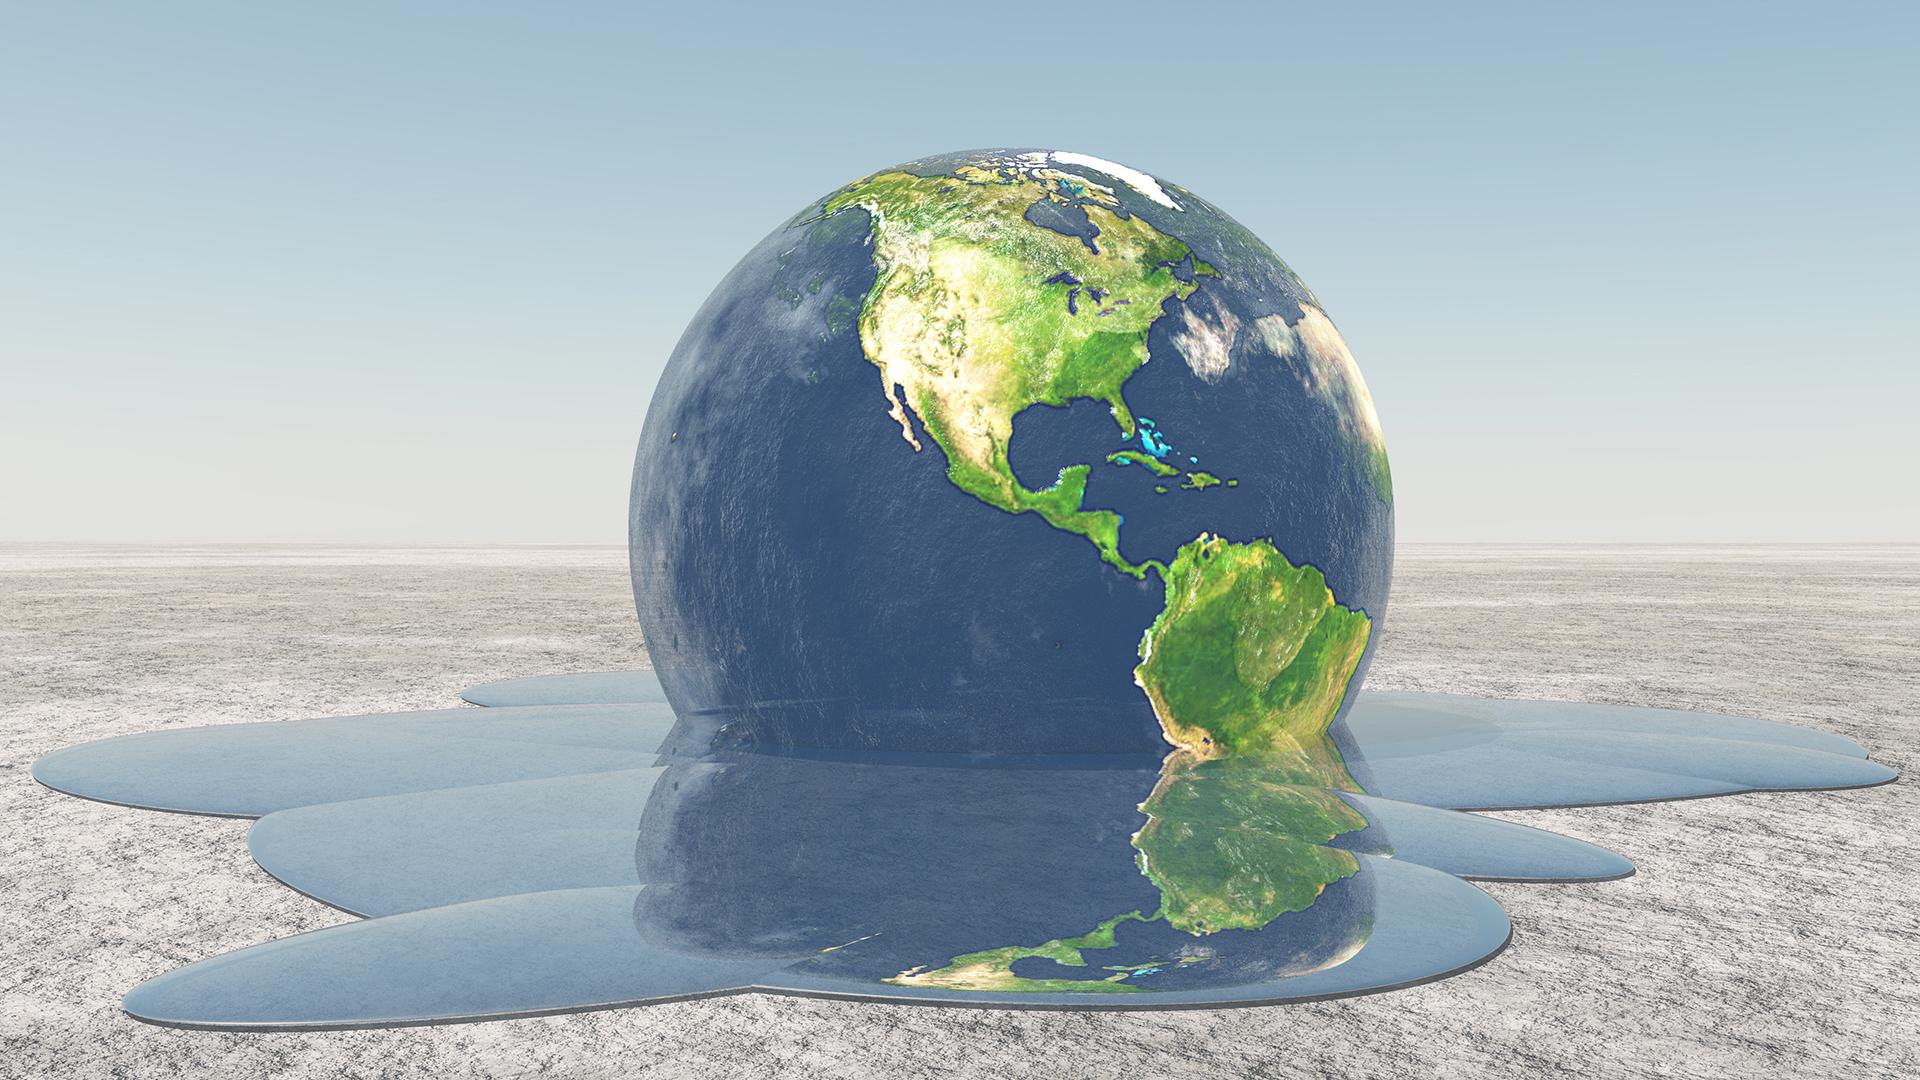 El cambio climático afecta el nivel de los mares, cuyo aumento es cada vez más peligroso (iStock)